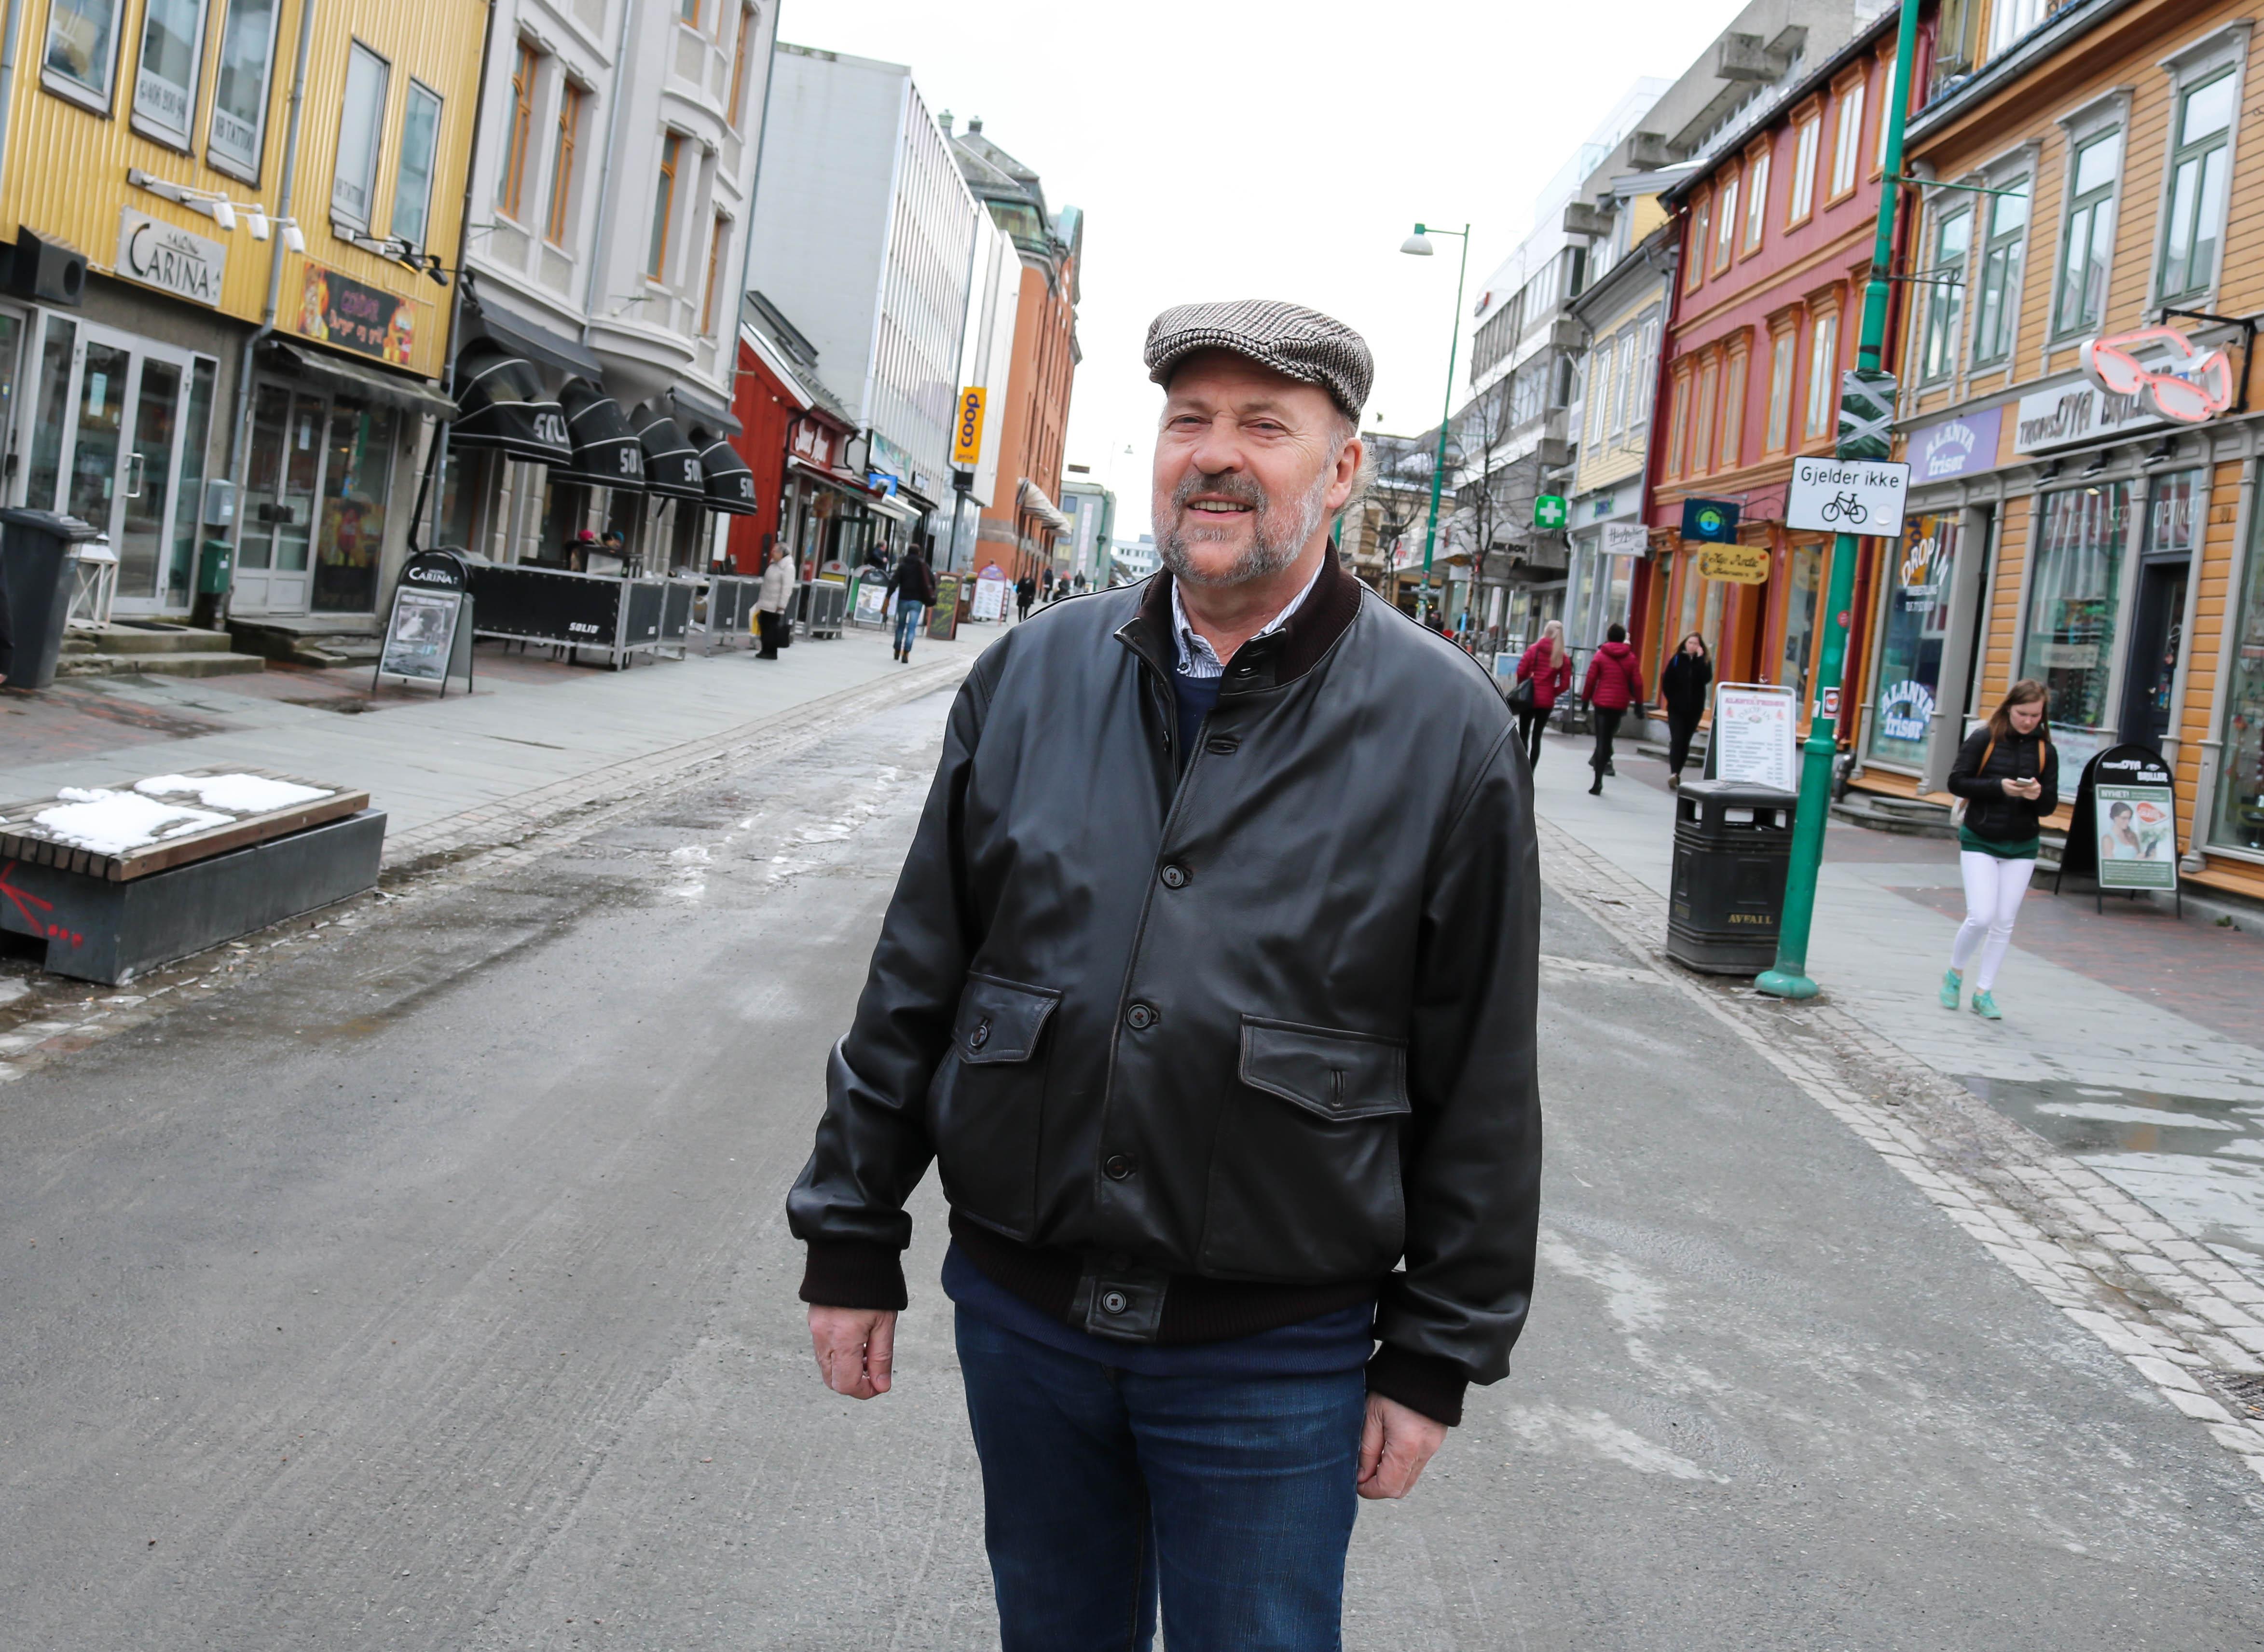 Spesialpsykolog Bertil Bjerkan står i Storgata i Tromsø.